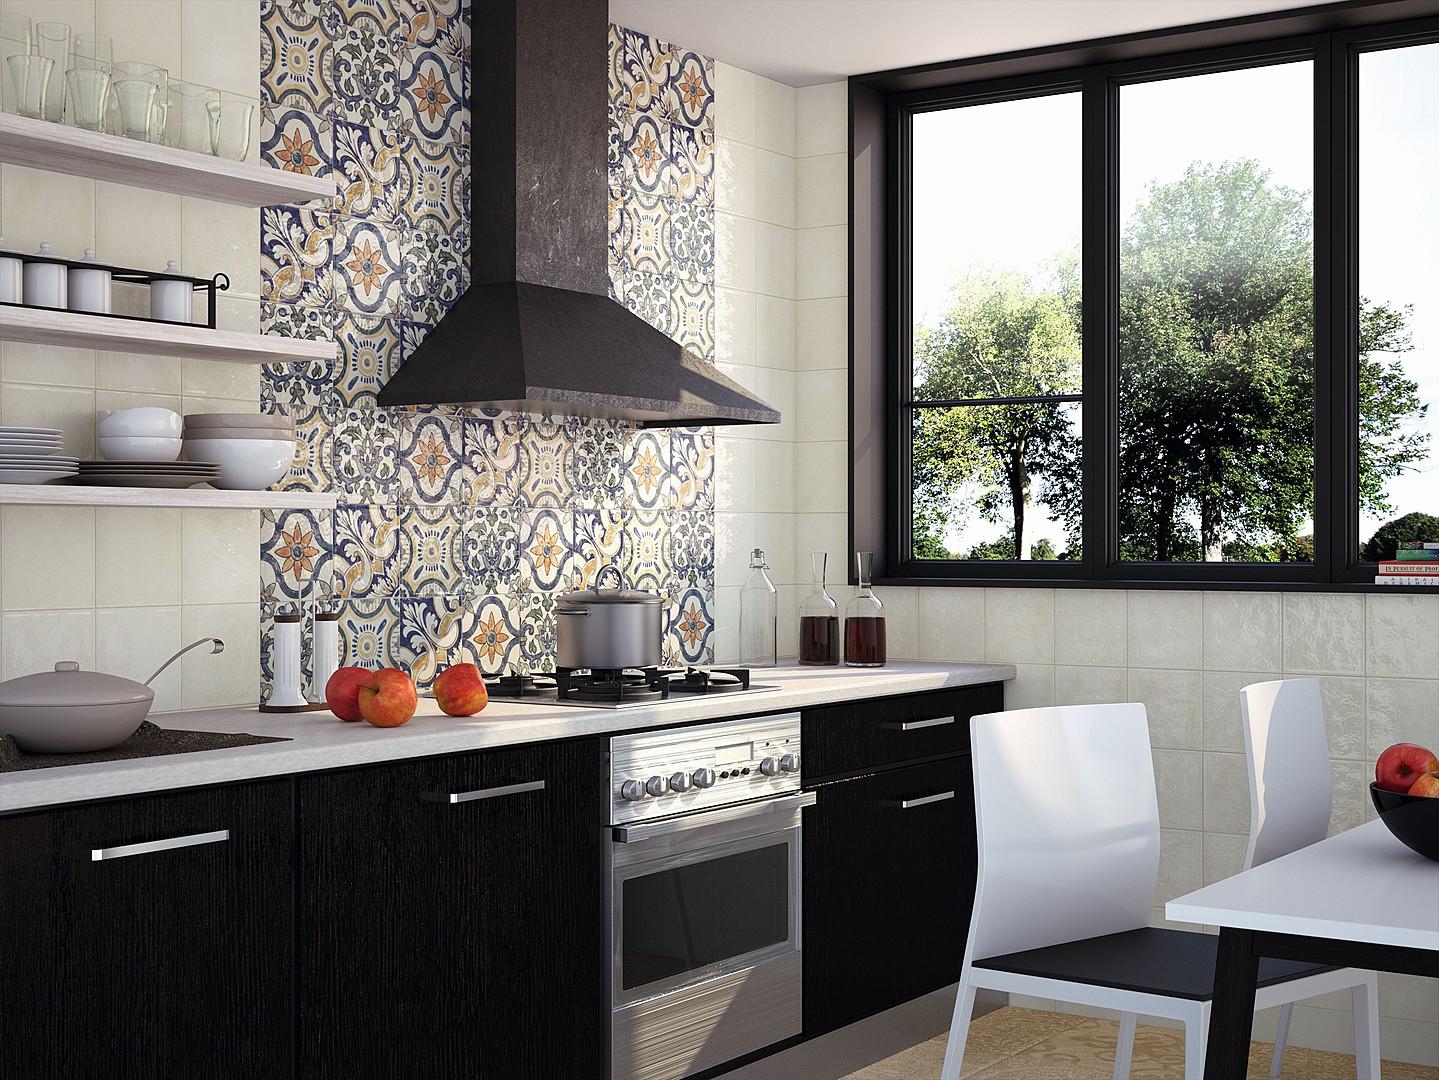 Керамическая плитка в картинках для кухни